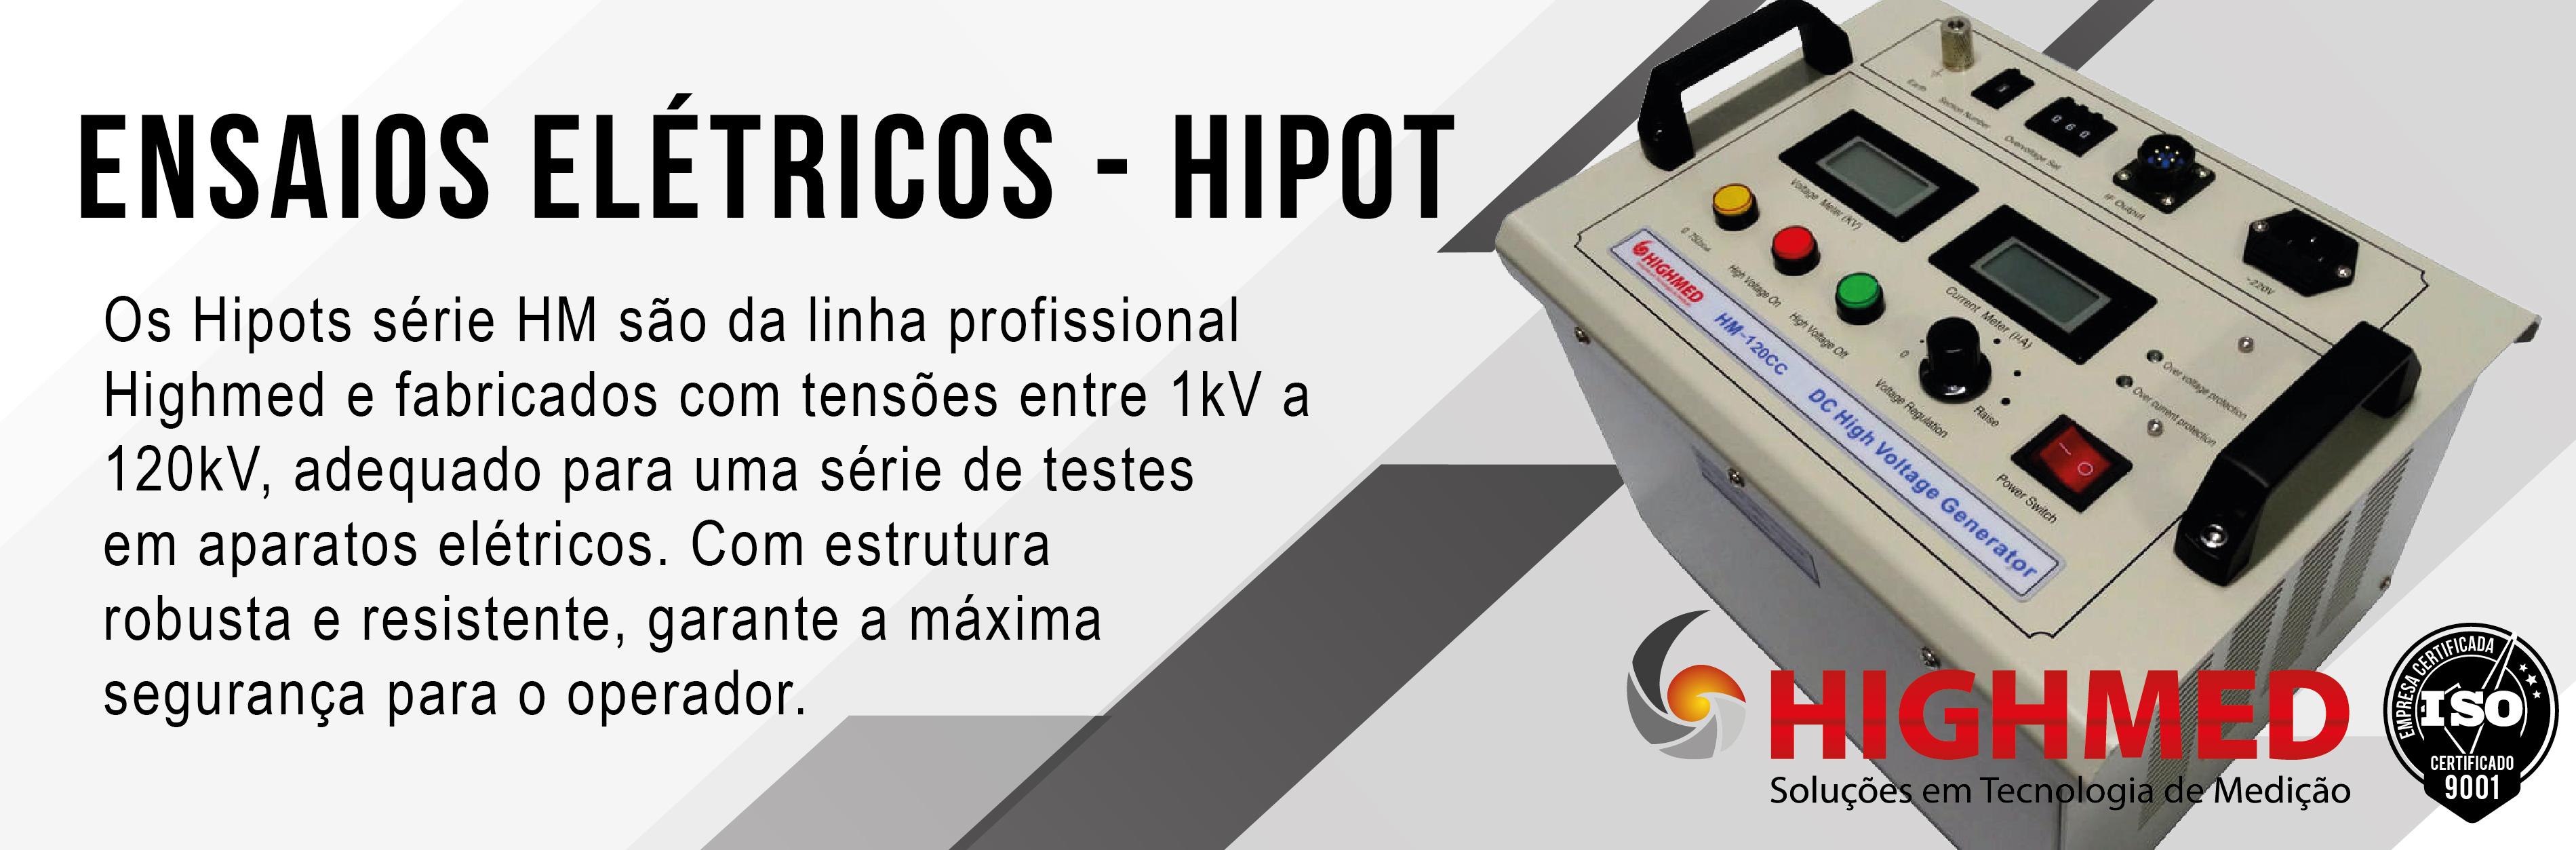 HIPOT